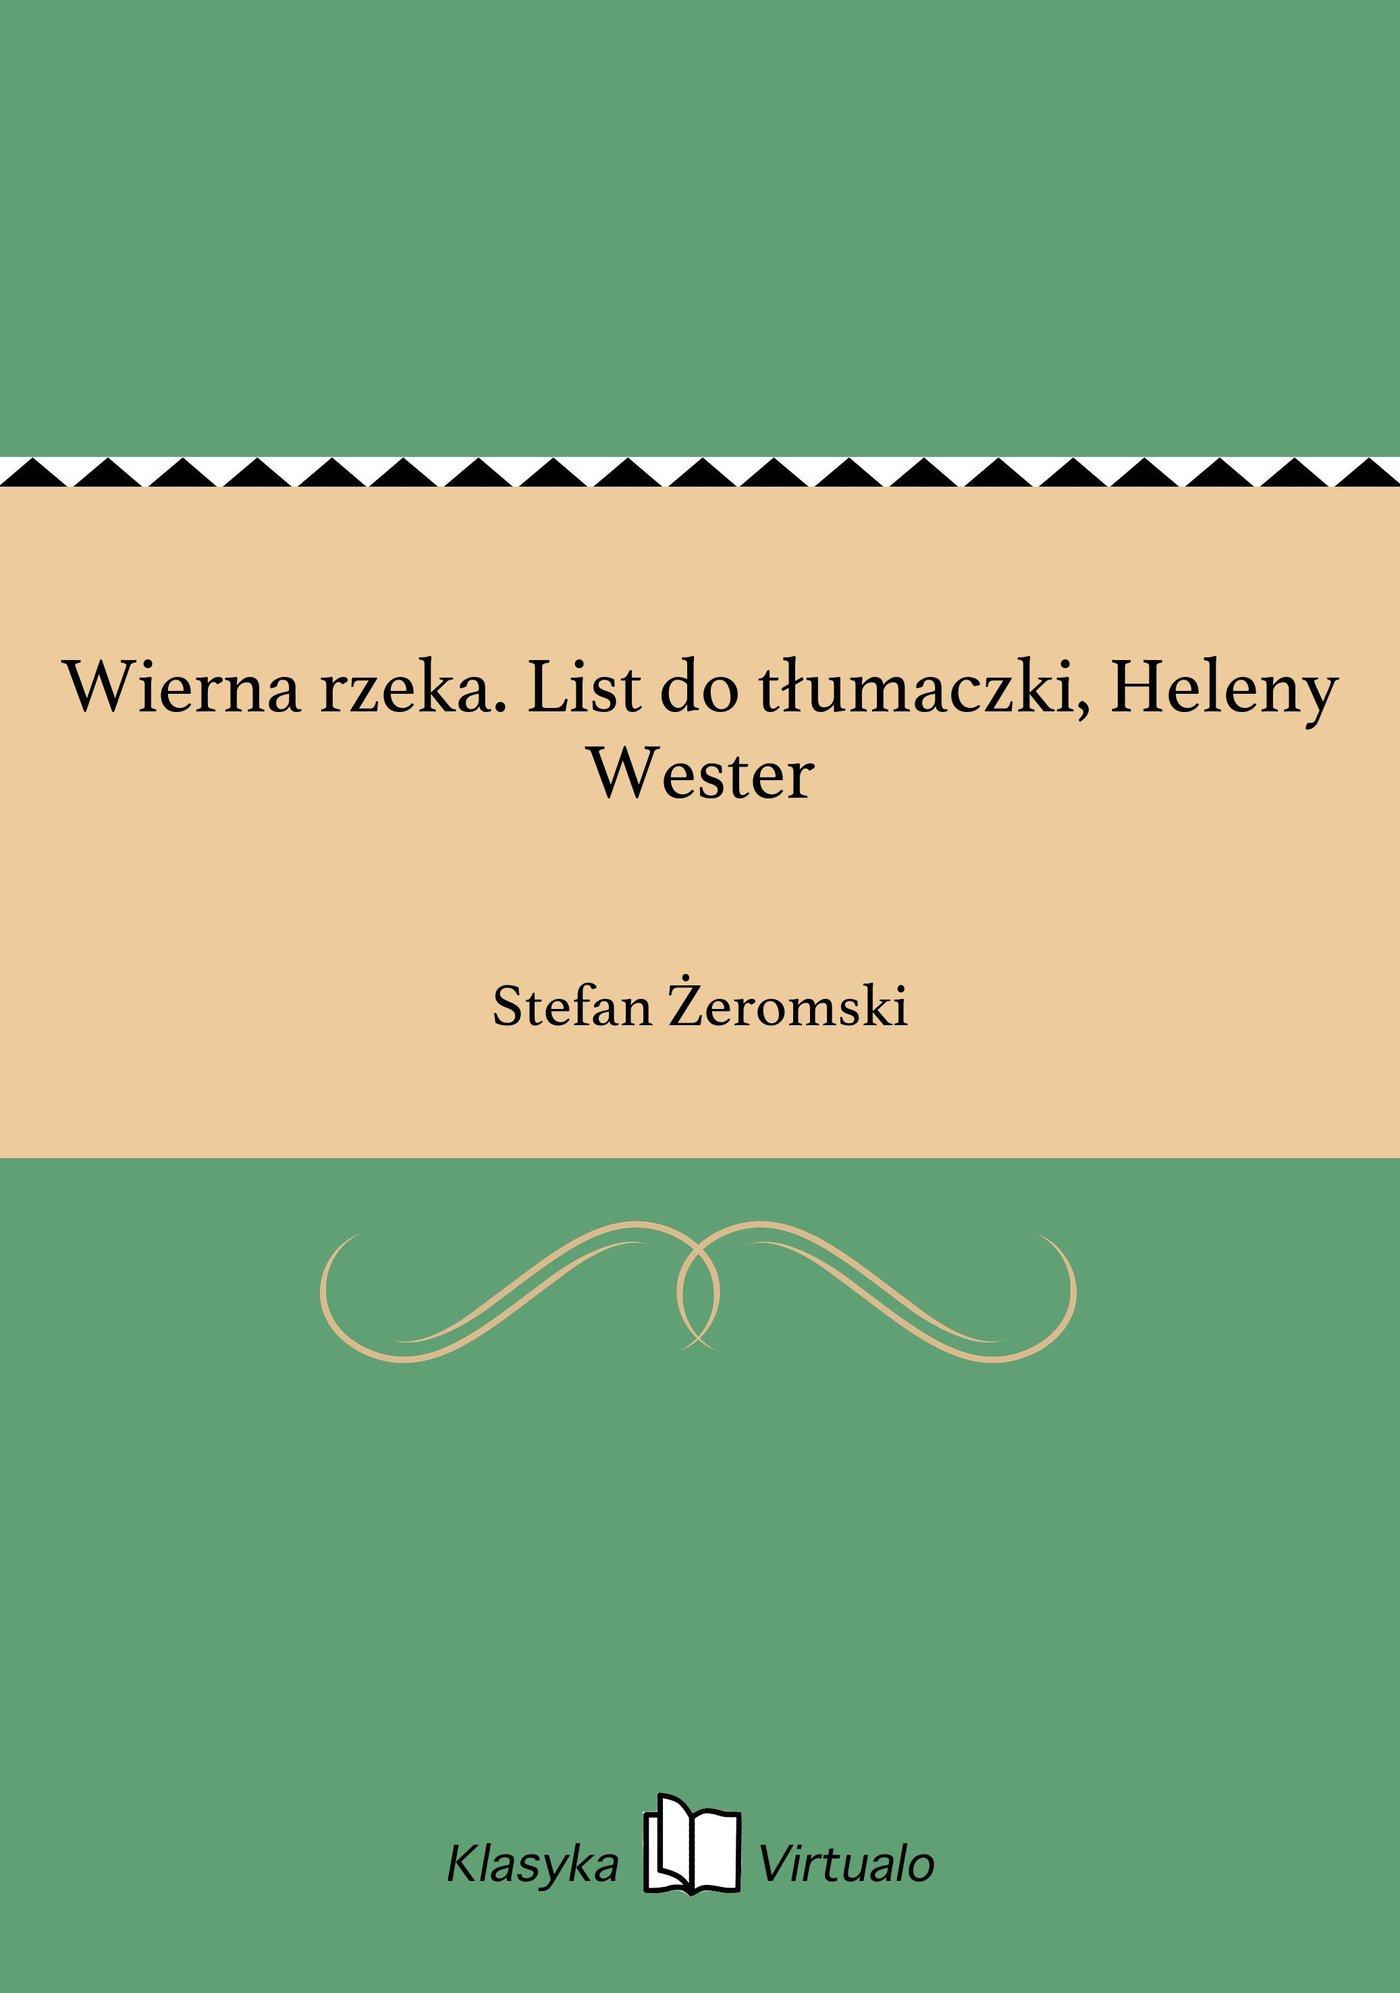 Wierna rzeka. List do tłumaczki, Heleny Wester - Ebook (Książka EPUB) do pobrania w formacie EPUB